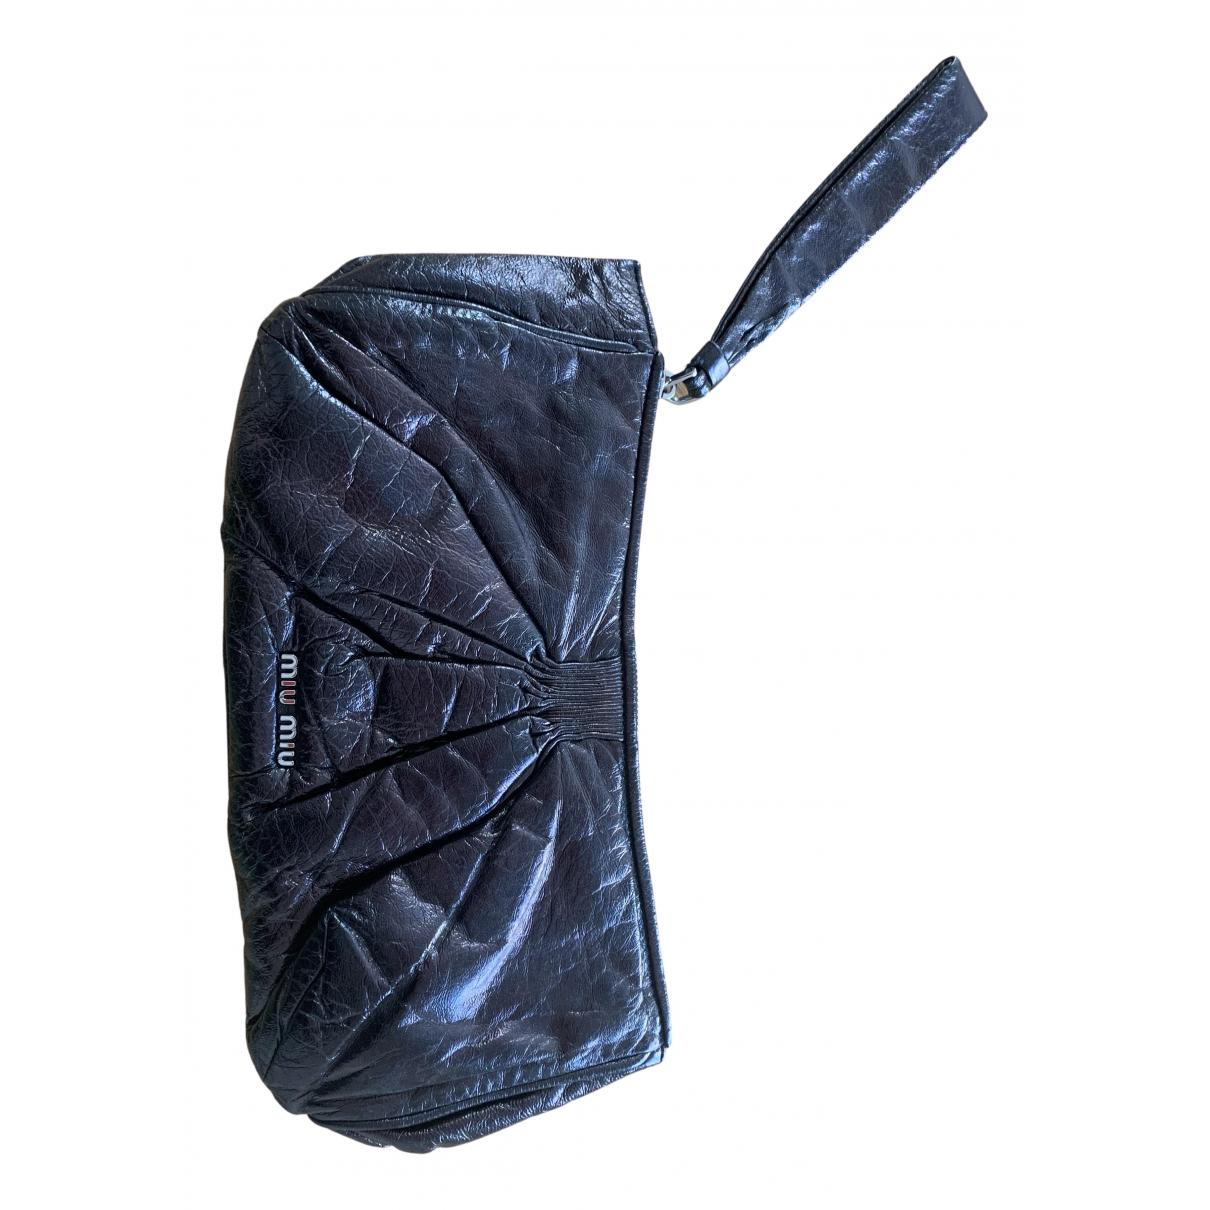 Miu Miu N Black Leather Clutch bag for Women N